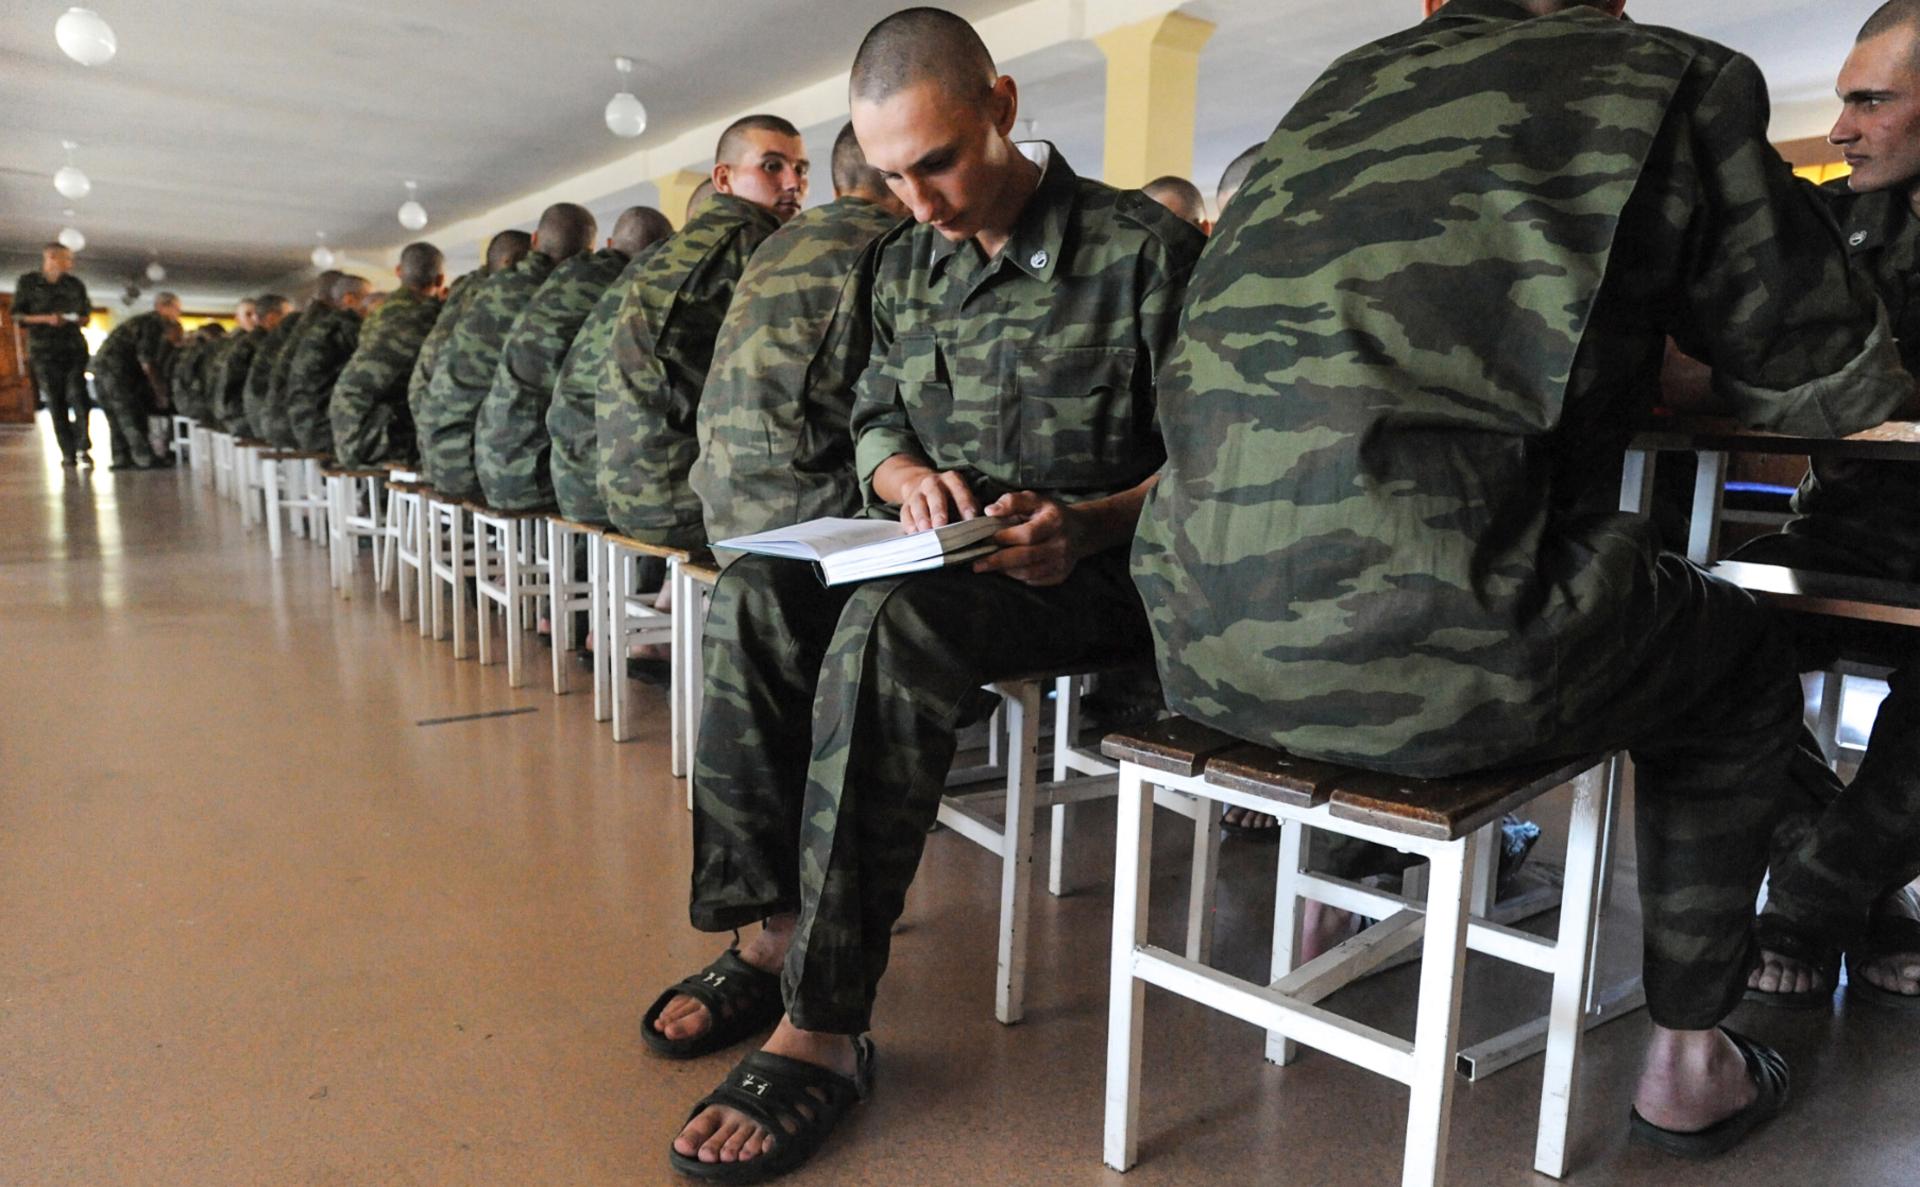 Фото: Денис Гуков / ТАСС